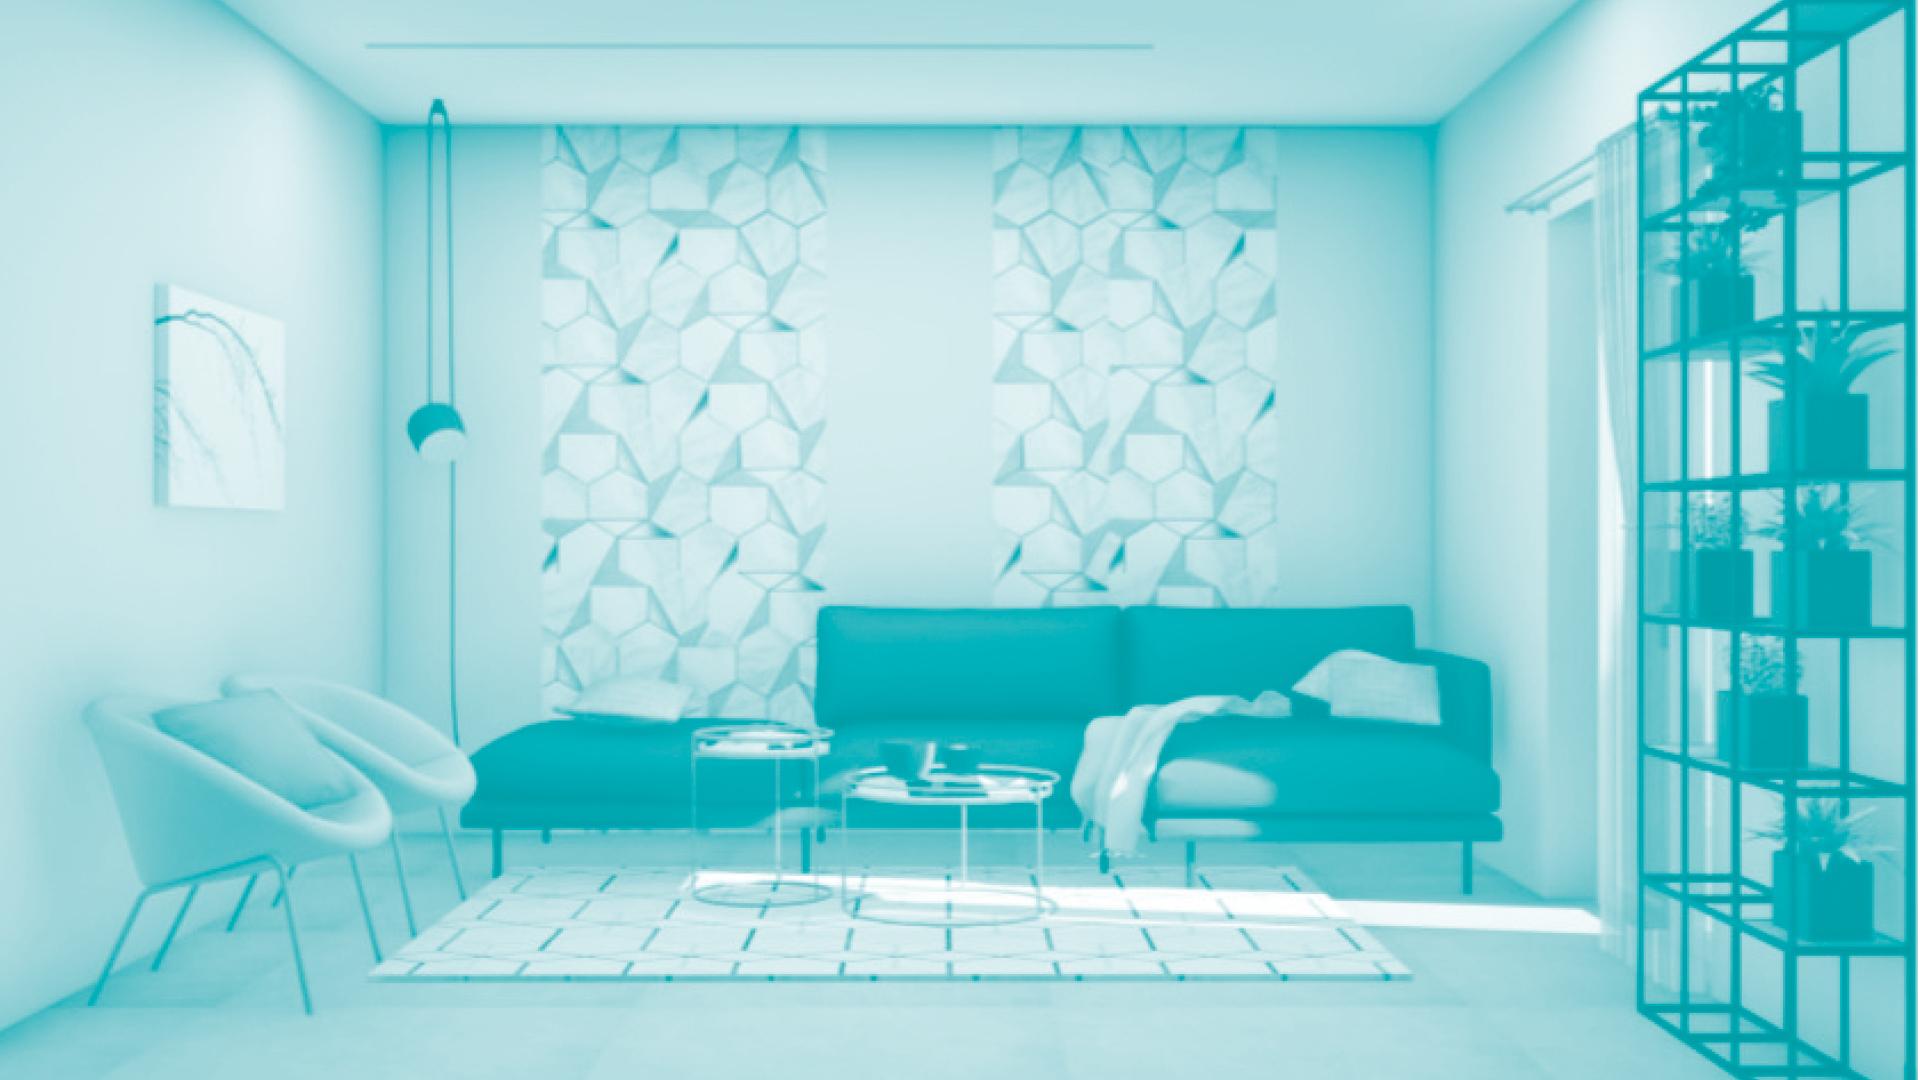 DASL06 - Interior design